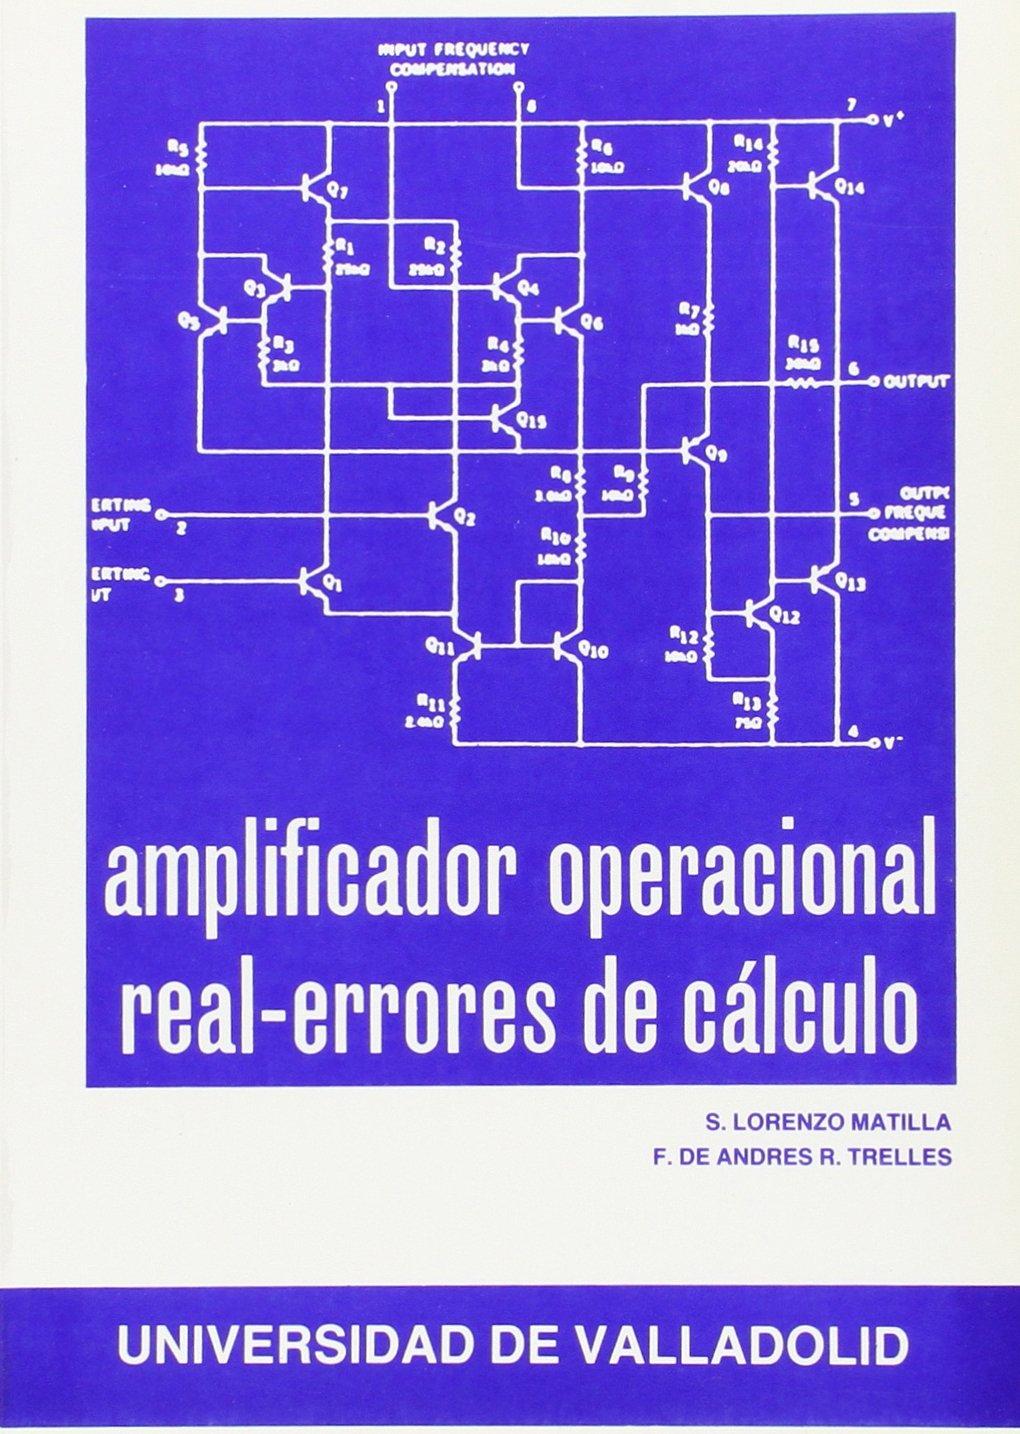 Amplificador Operaciónal Real. Errores de Cálculo: Amazon.es: Santiago Lorenzo Matilla: Libros